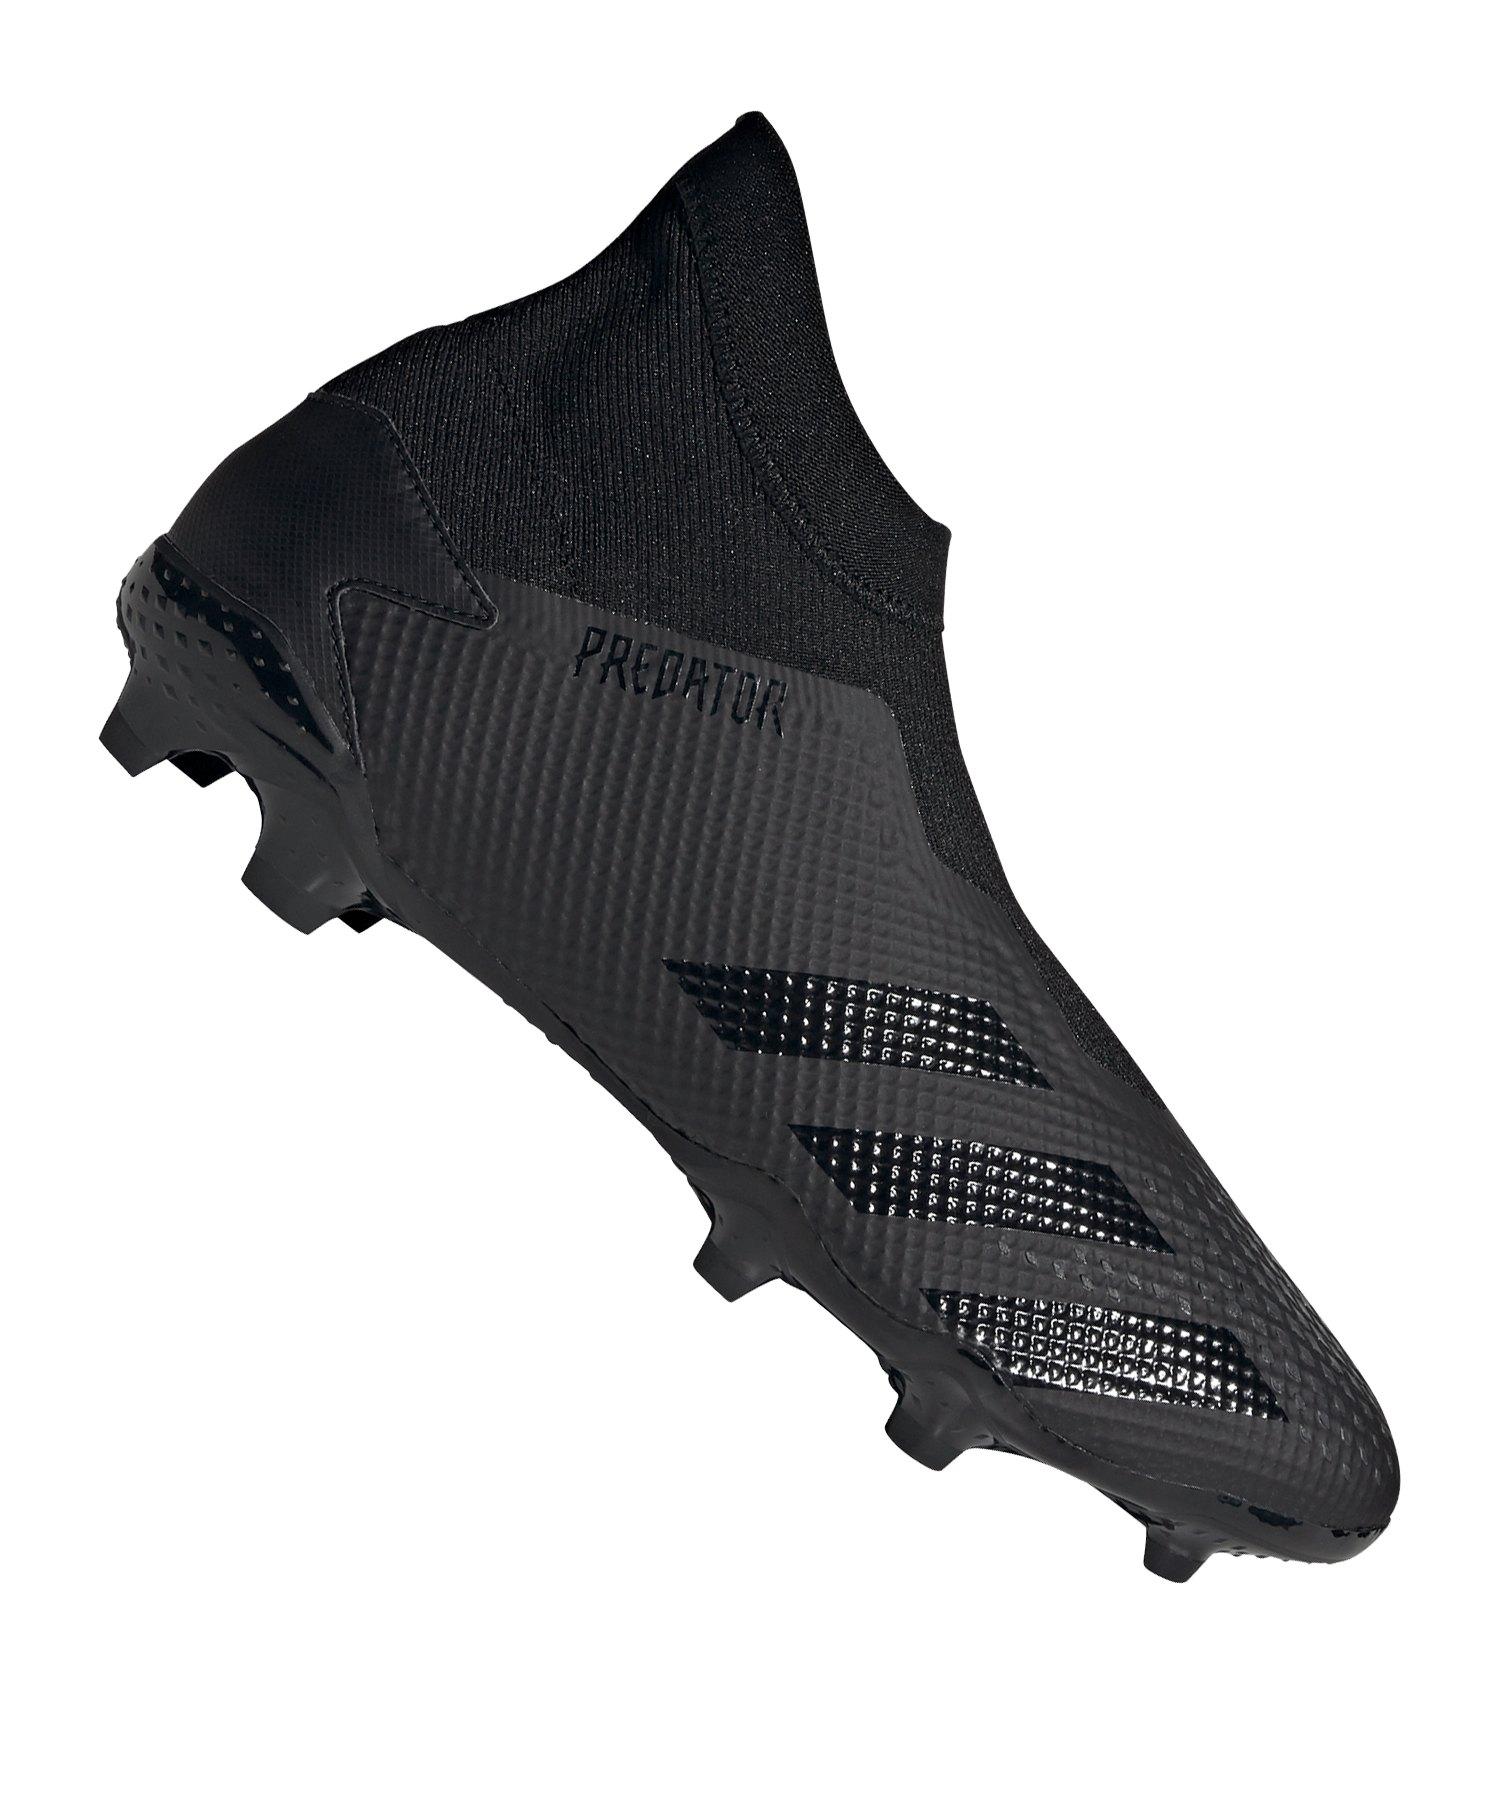 adidas Predator 20.3 LL FG Schwarz Grau - schwarz